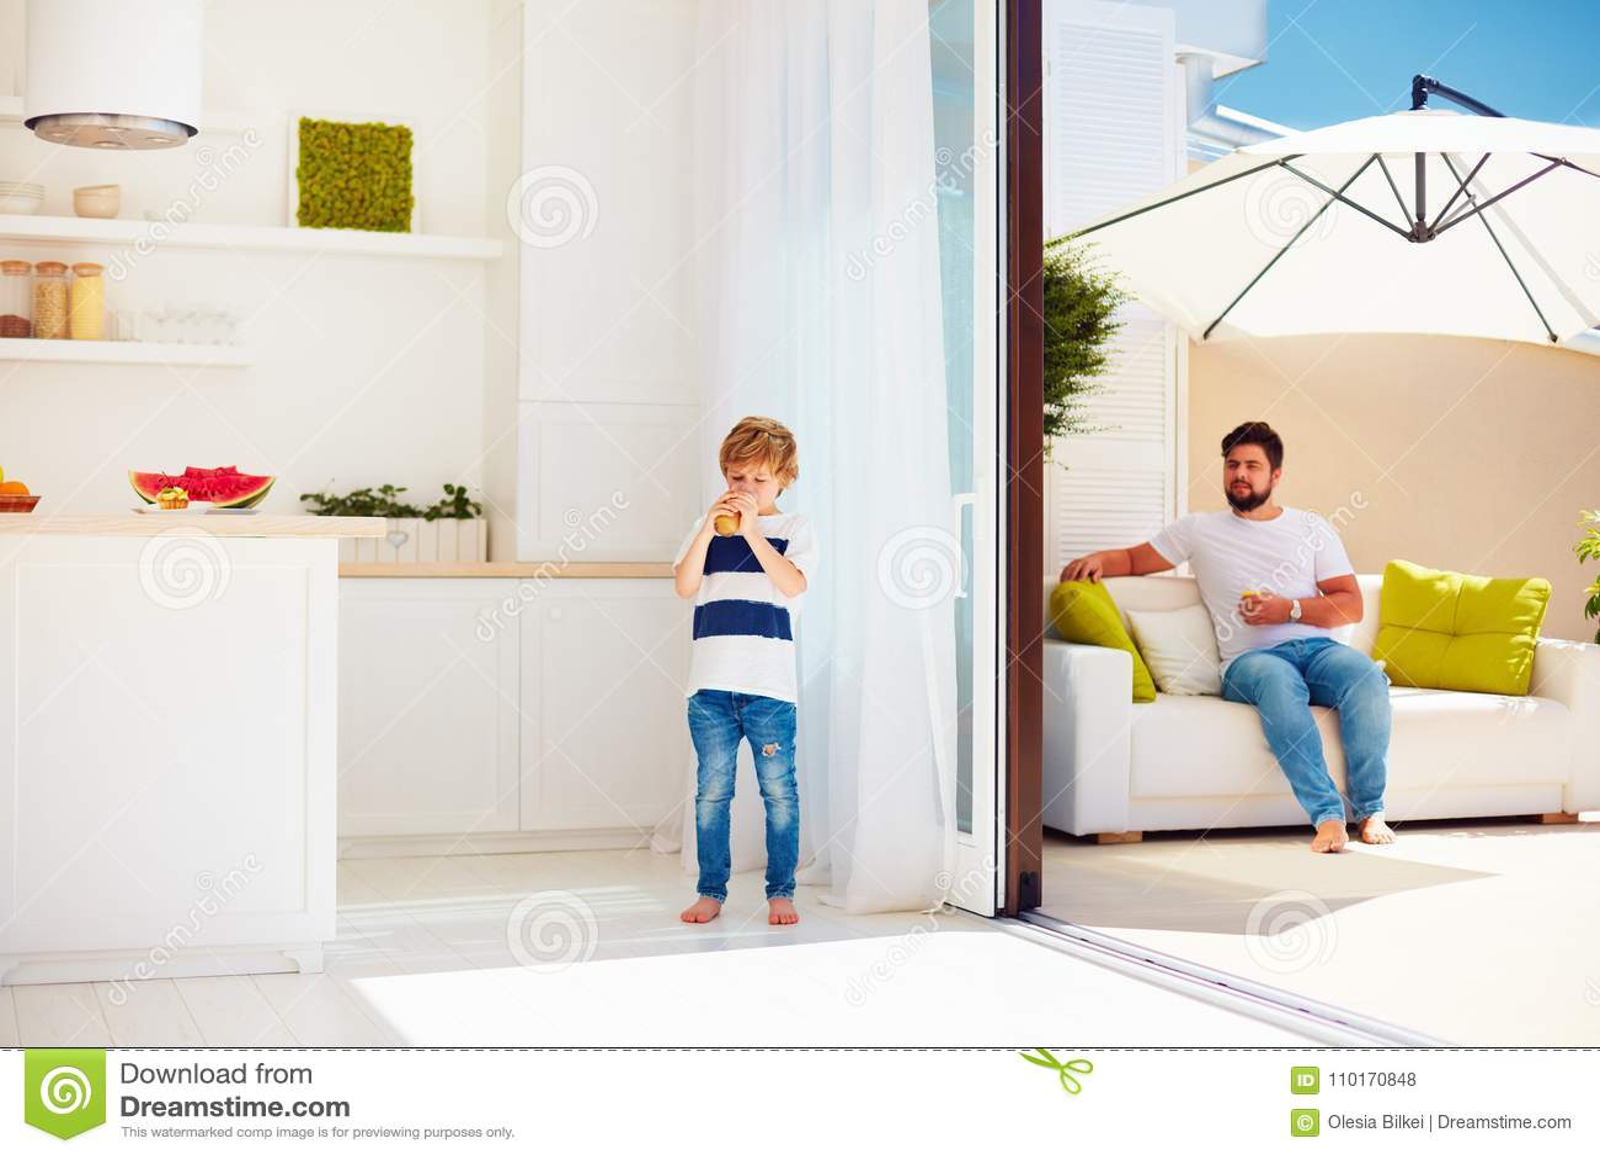 patio kitchen cabinets dayton ohio 放松在有露天场所厨房的屋顶露台的愉快的家庭温暖的夏日库存照片 图片 放松在有露天场所厨房的屋顶露台的愉快的家庭温暖的夏